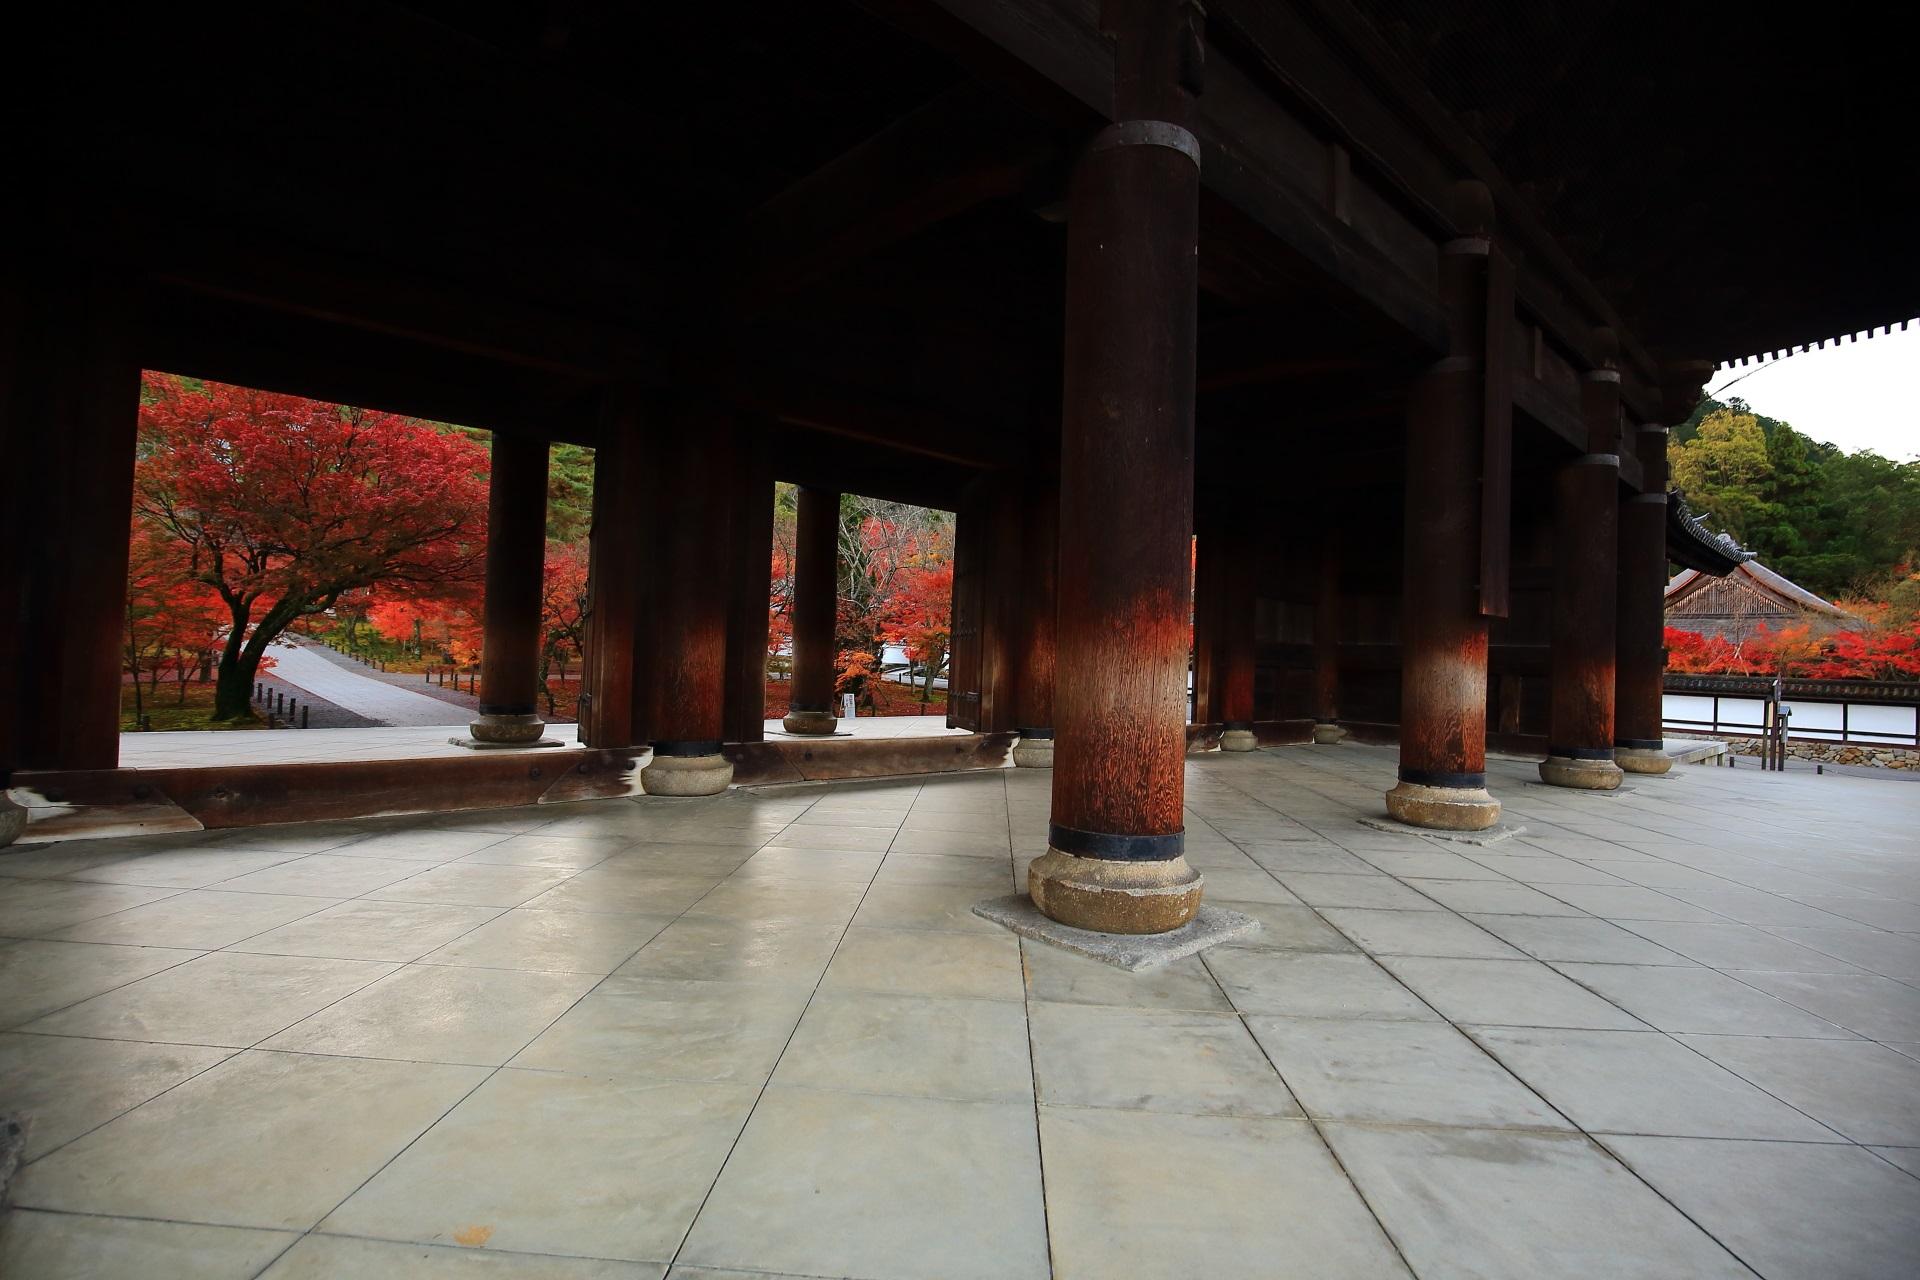 三門から続く参道と艶やかな紅葉